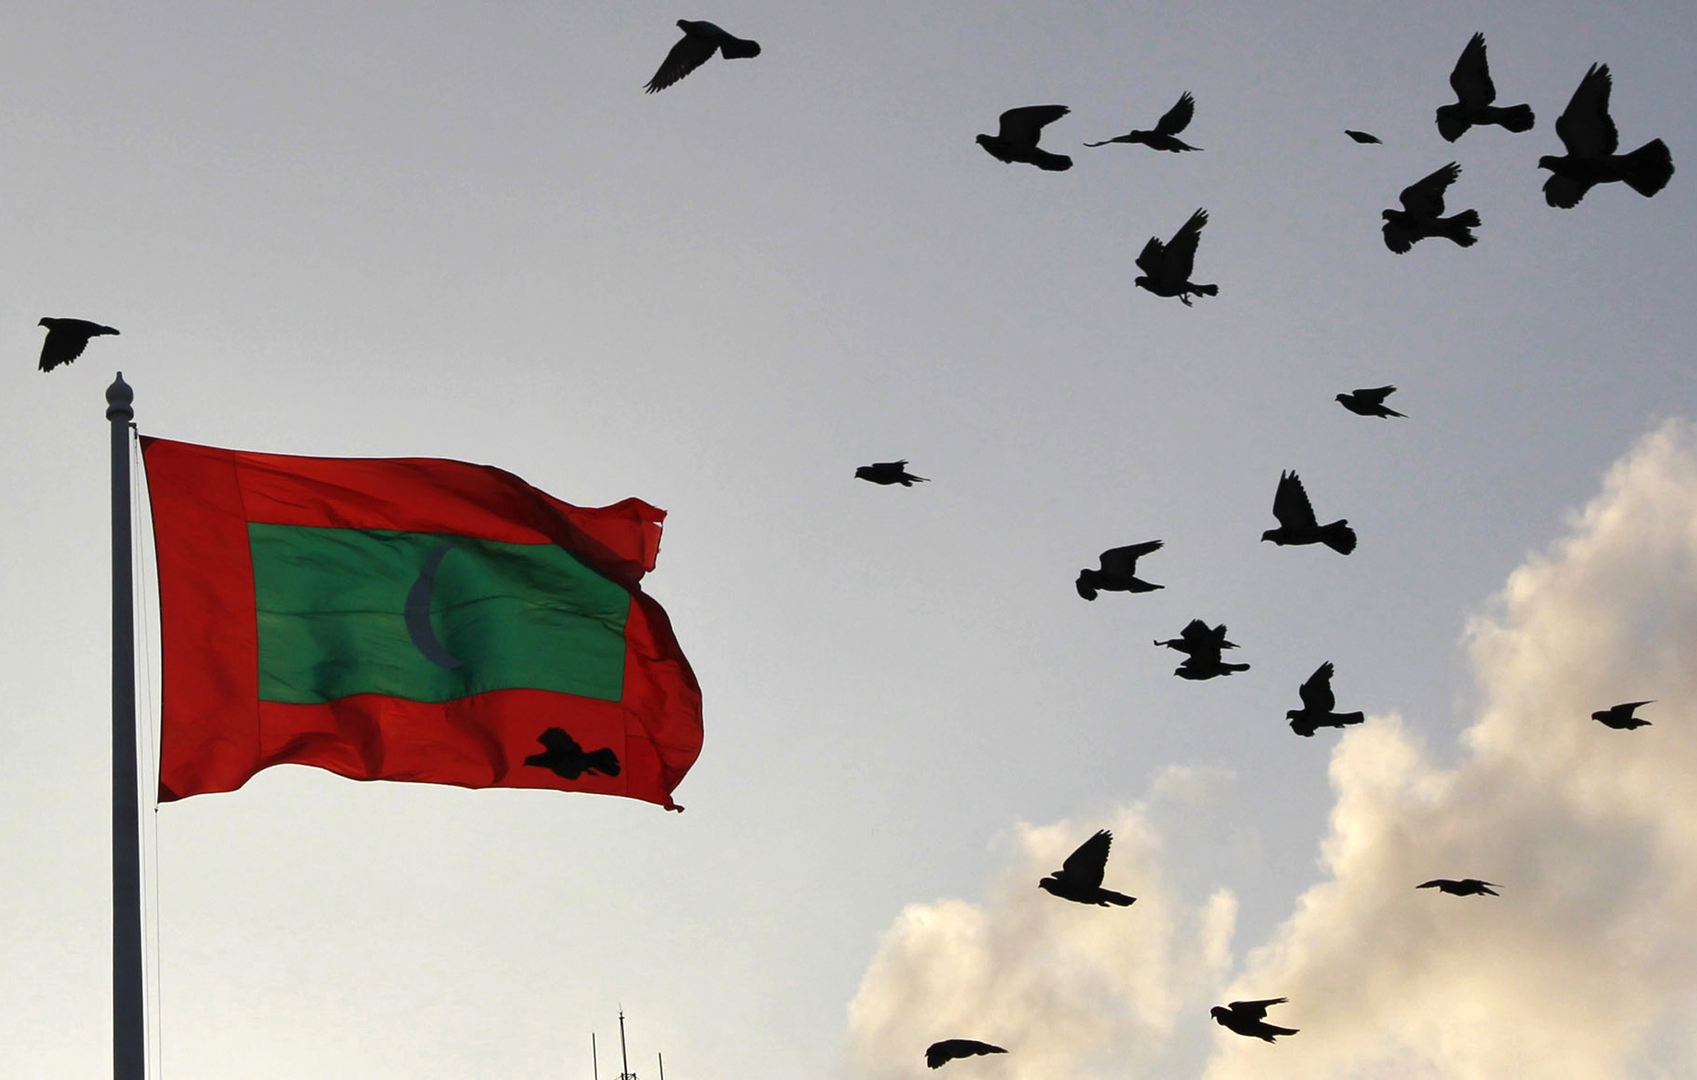 بعد المصالحة الخليجية.. المالديف تعلن عودة العلاقات مع قطر